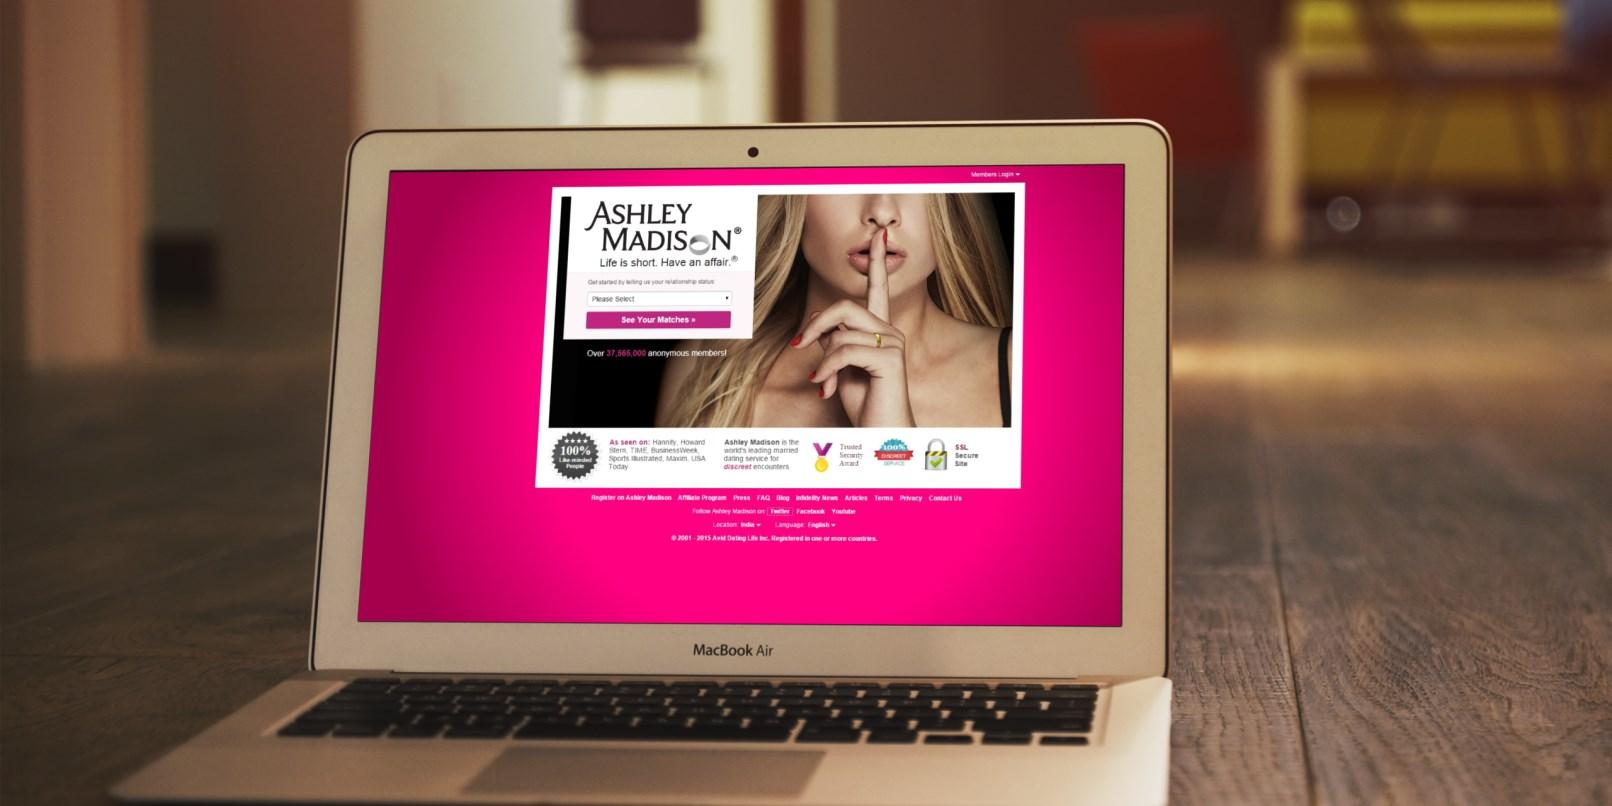 Yasak ilişki Sitesi Ashley Madison Hacklendi!